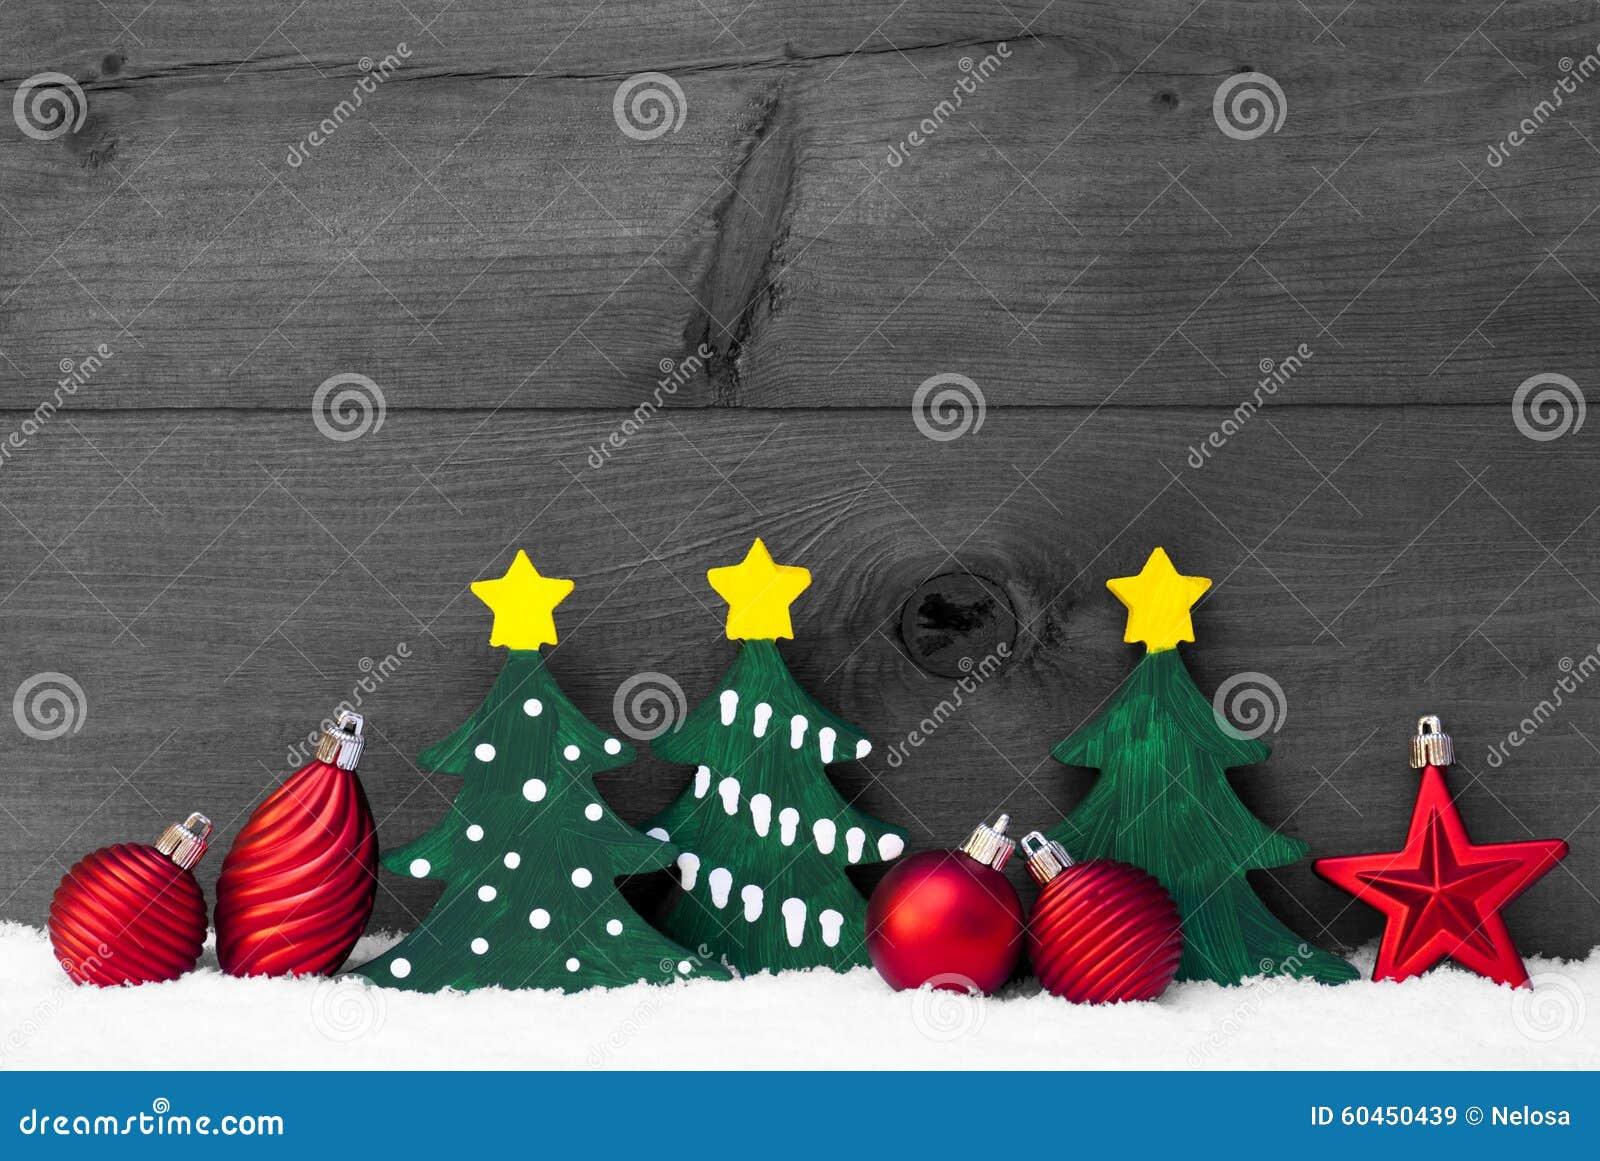 Γκρίζα κάρτα Χριστουγέννων με τα πράσινα δέντρα και τις κόκκινες σφαίρες, χιόνι